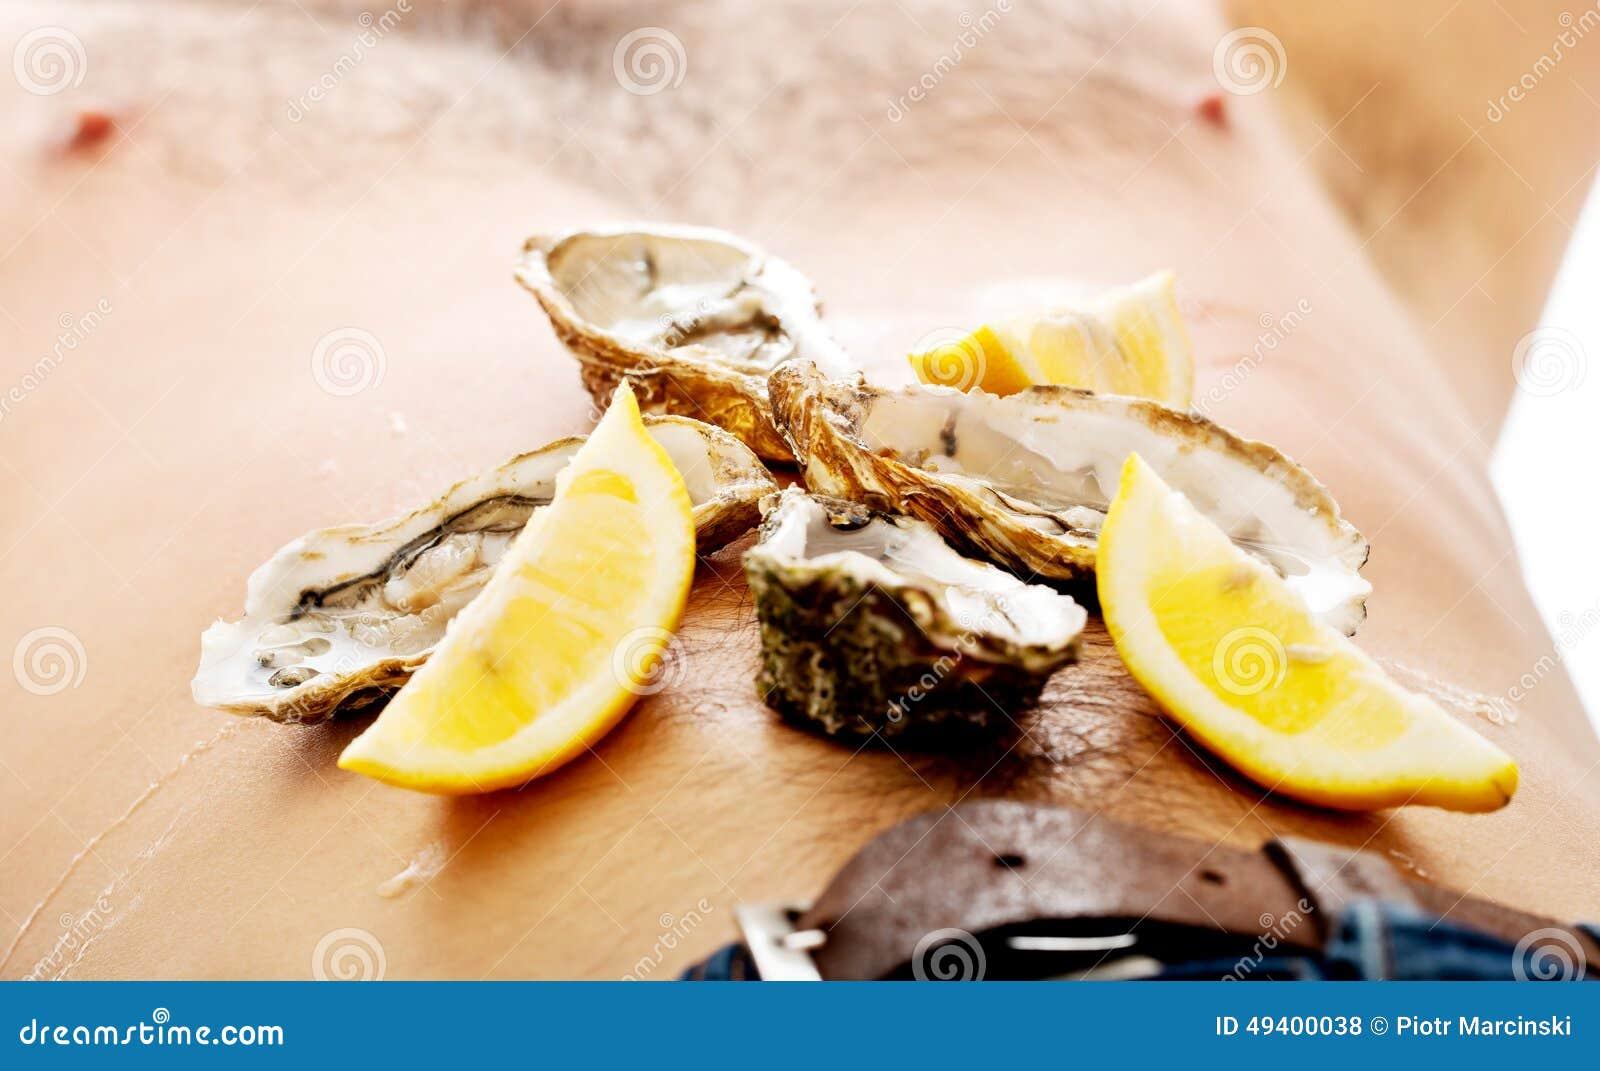 Download Austern Auf Dem Bauch Des Mannes Stockfoto - Bild von organisch, krebs: 49400038